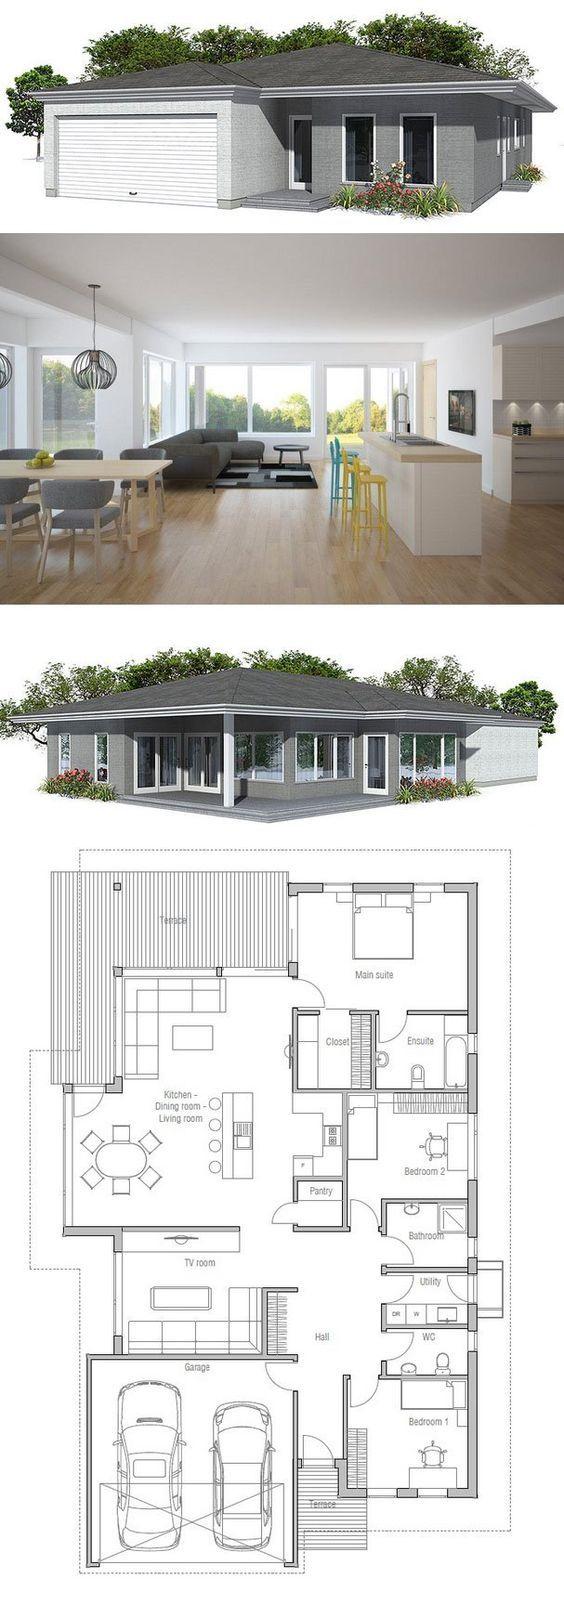 17 melhores imagens sobre planos casa 150 mts no for Hausplan modern